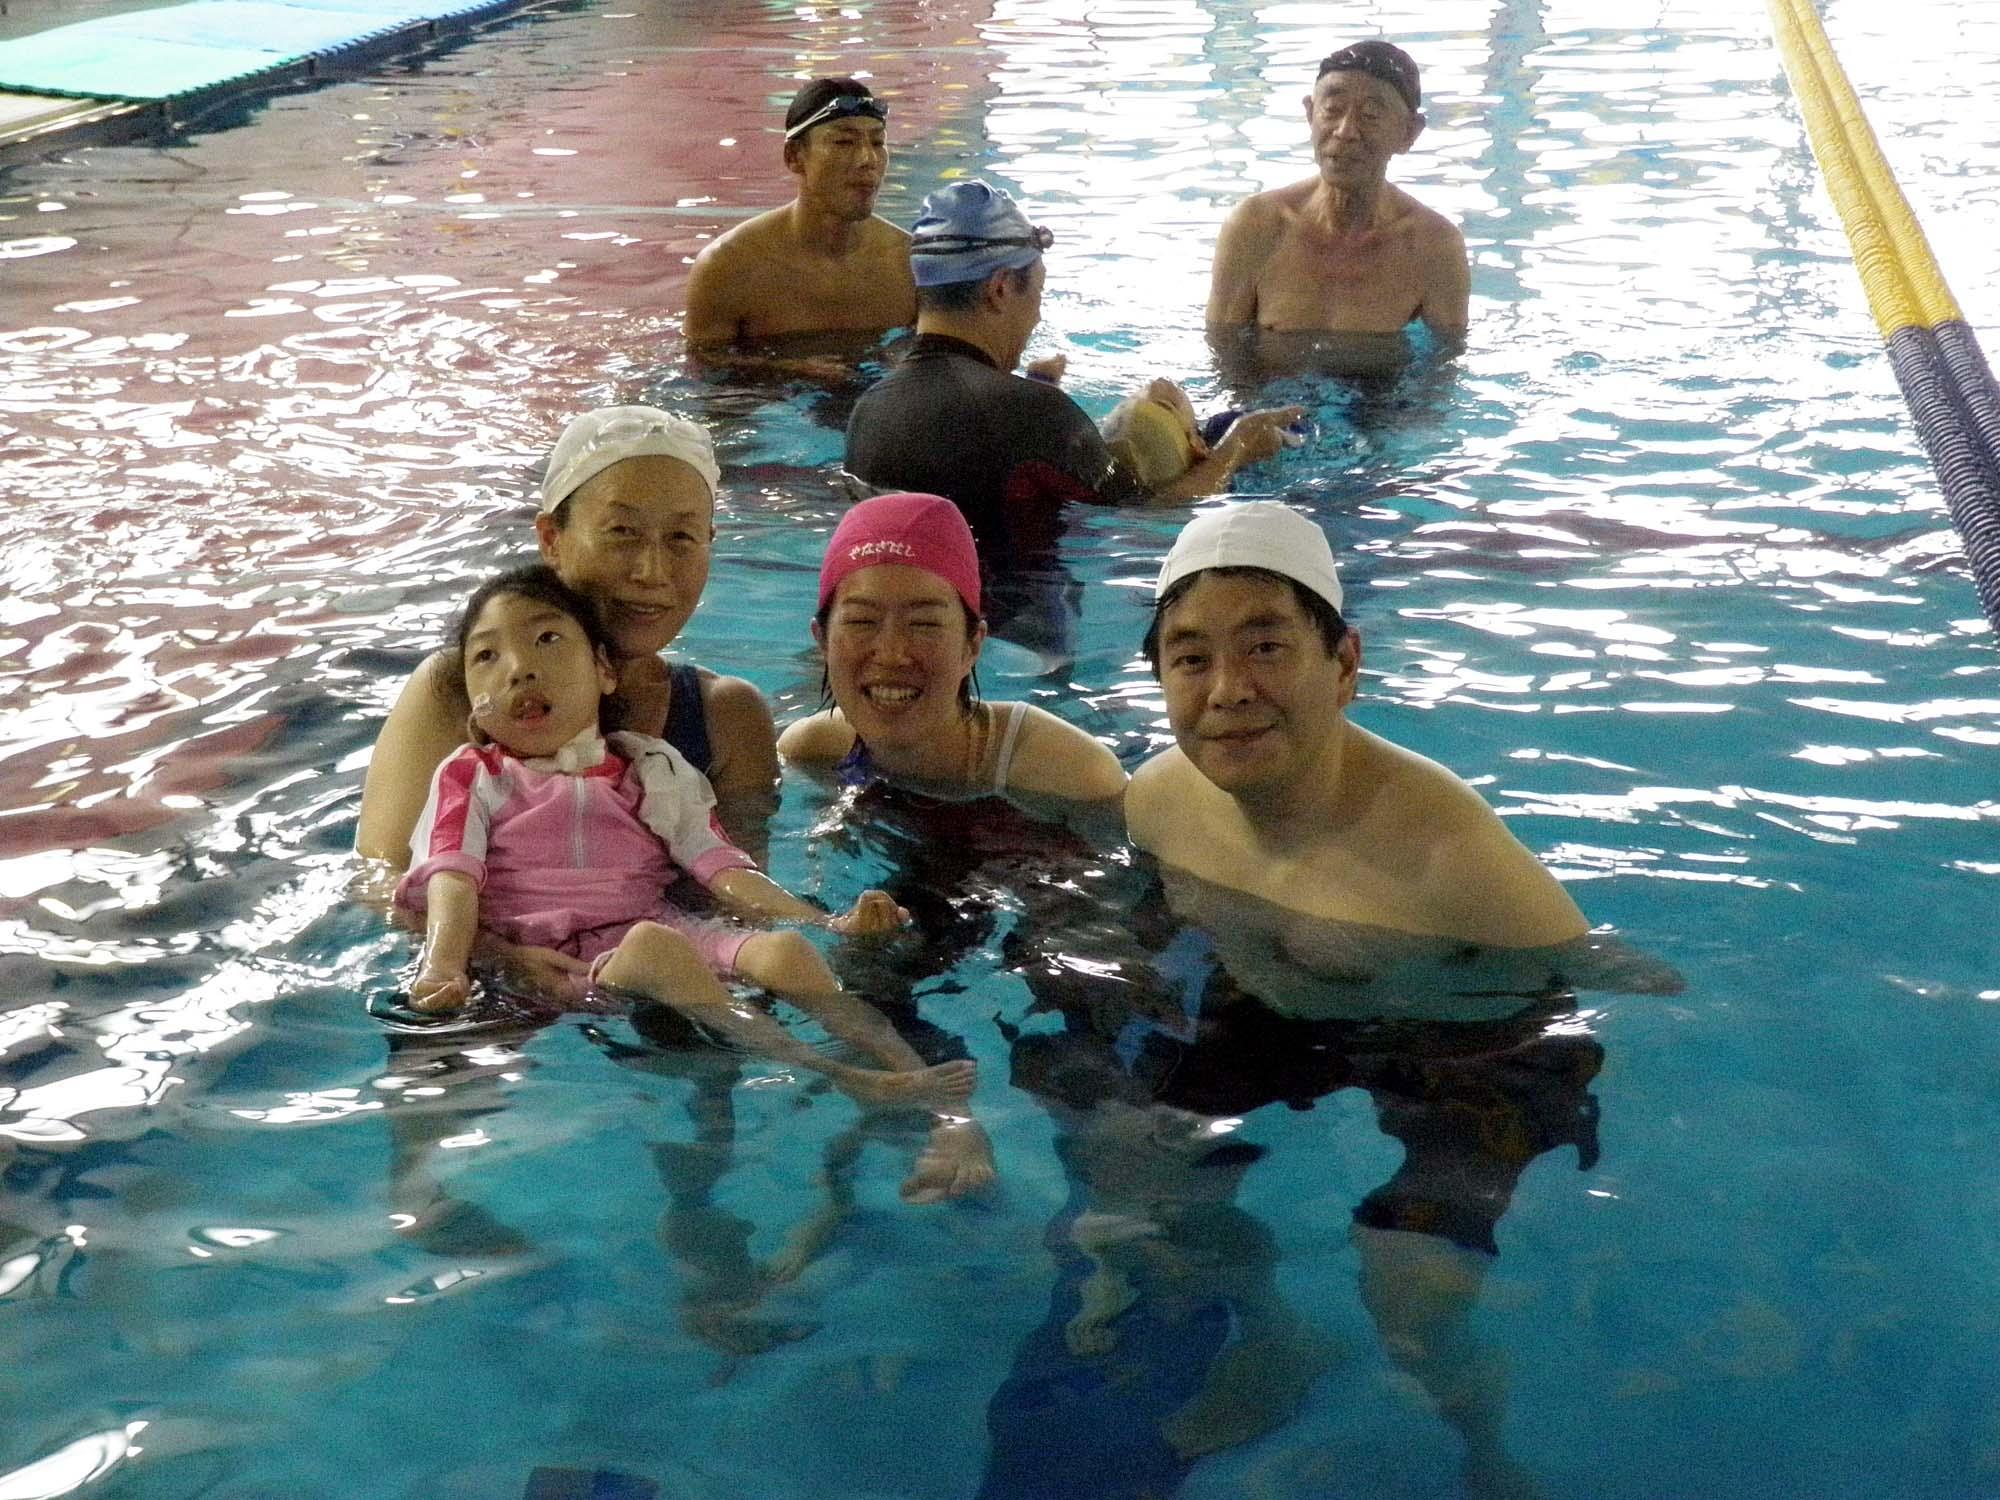 P6130147 - 重度障害者のための水泳教室より ・・・リラックスしています。